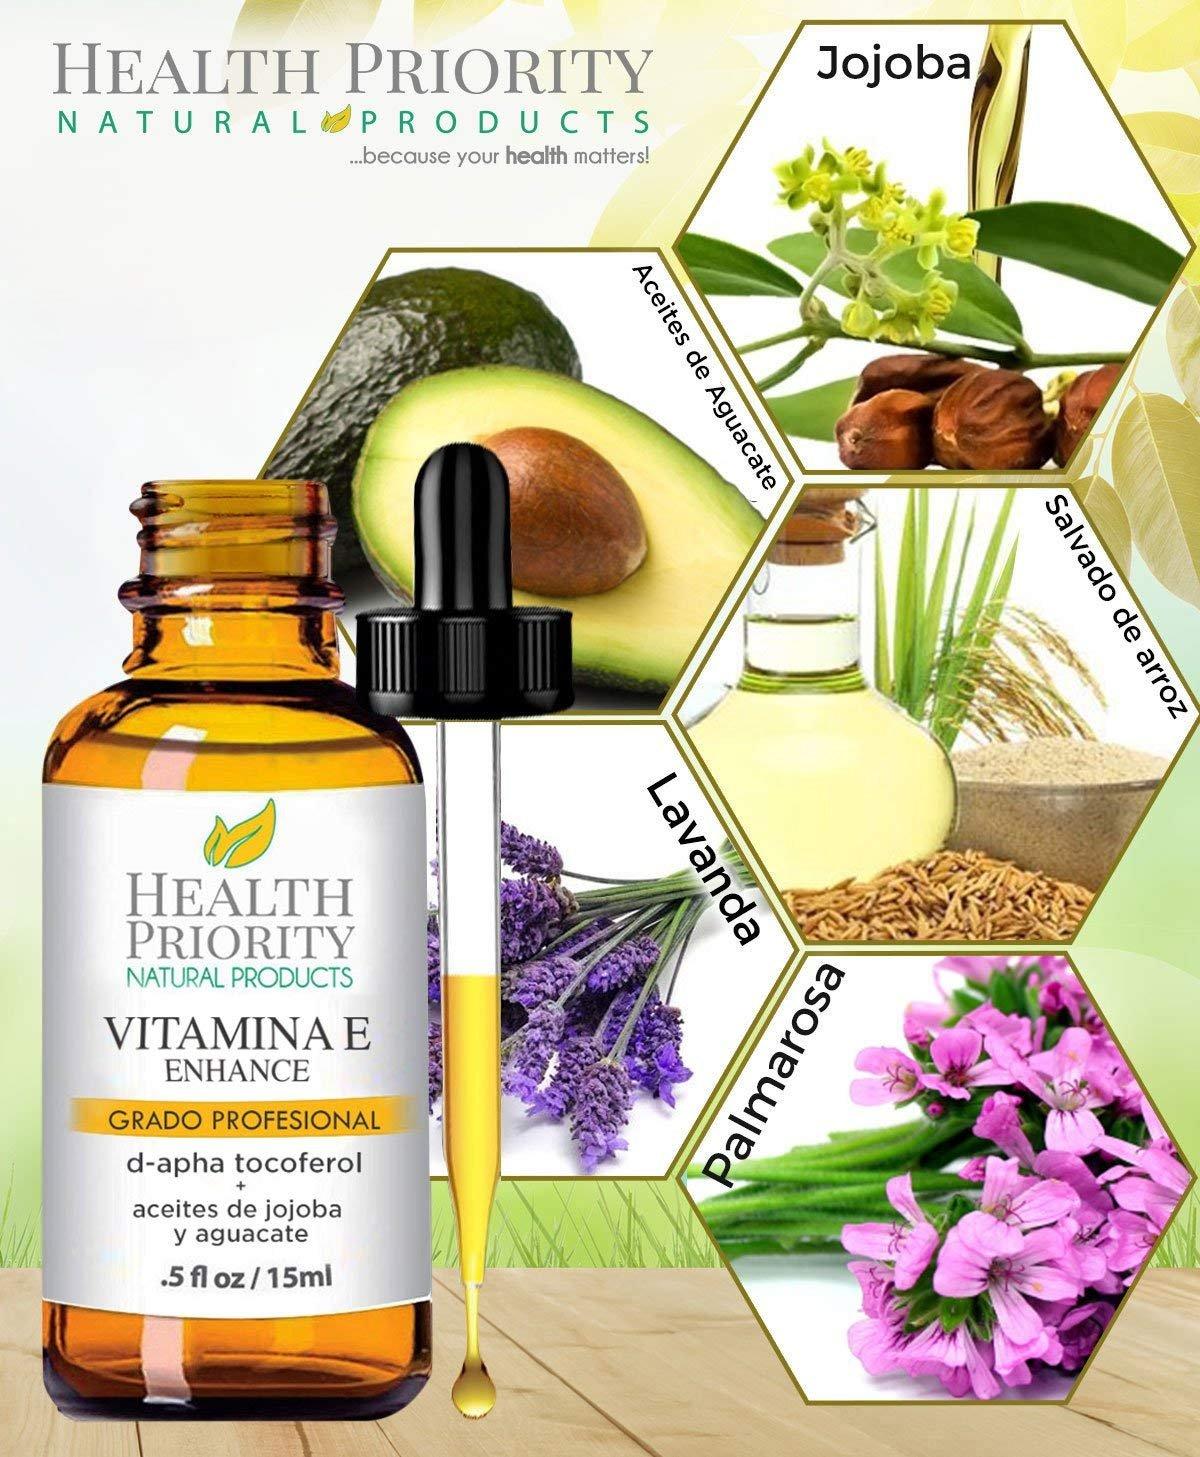 Aceite de Vitamina E Orgánico : 100% Natural : Para rostro y piel y mejor que en capsulas -15,000/30,000IU- Reduce las arrugas y aclara las manchas ...